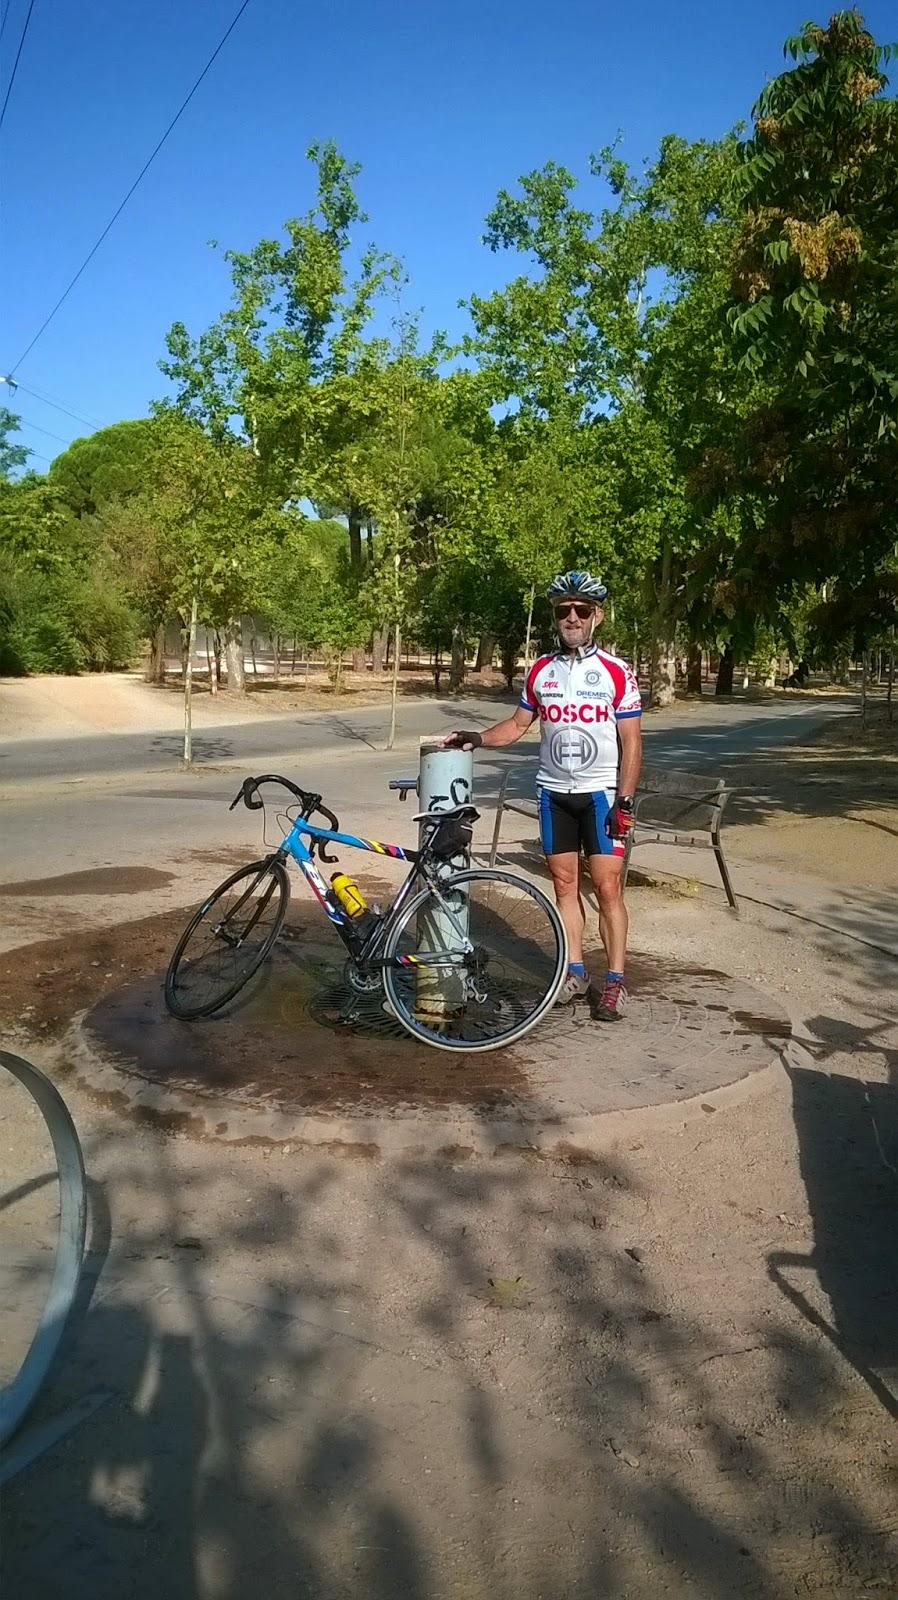 Boticario vuelta al anillo verde ciclista de madrid - Anillo verde ciclista madrid mapa ...